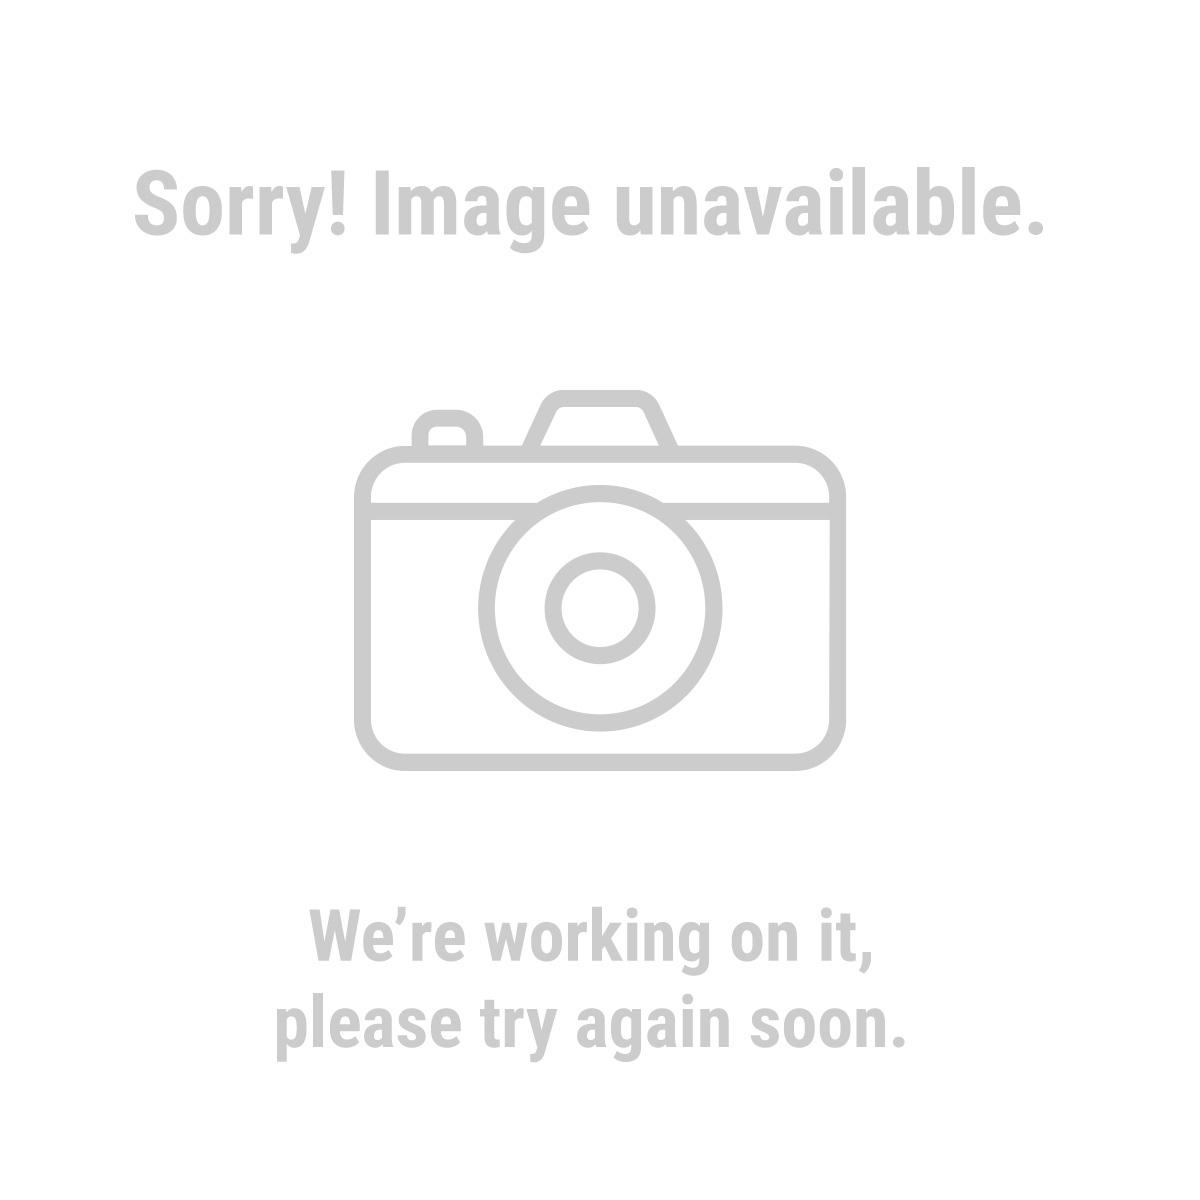 Car wash nozzle 2 in 1 microfiber chenille wash mitt solutioingenieria Image collections